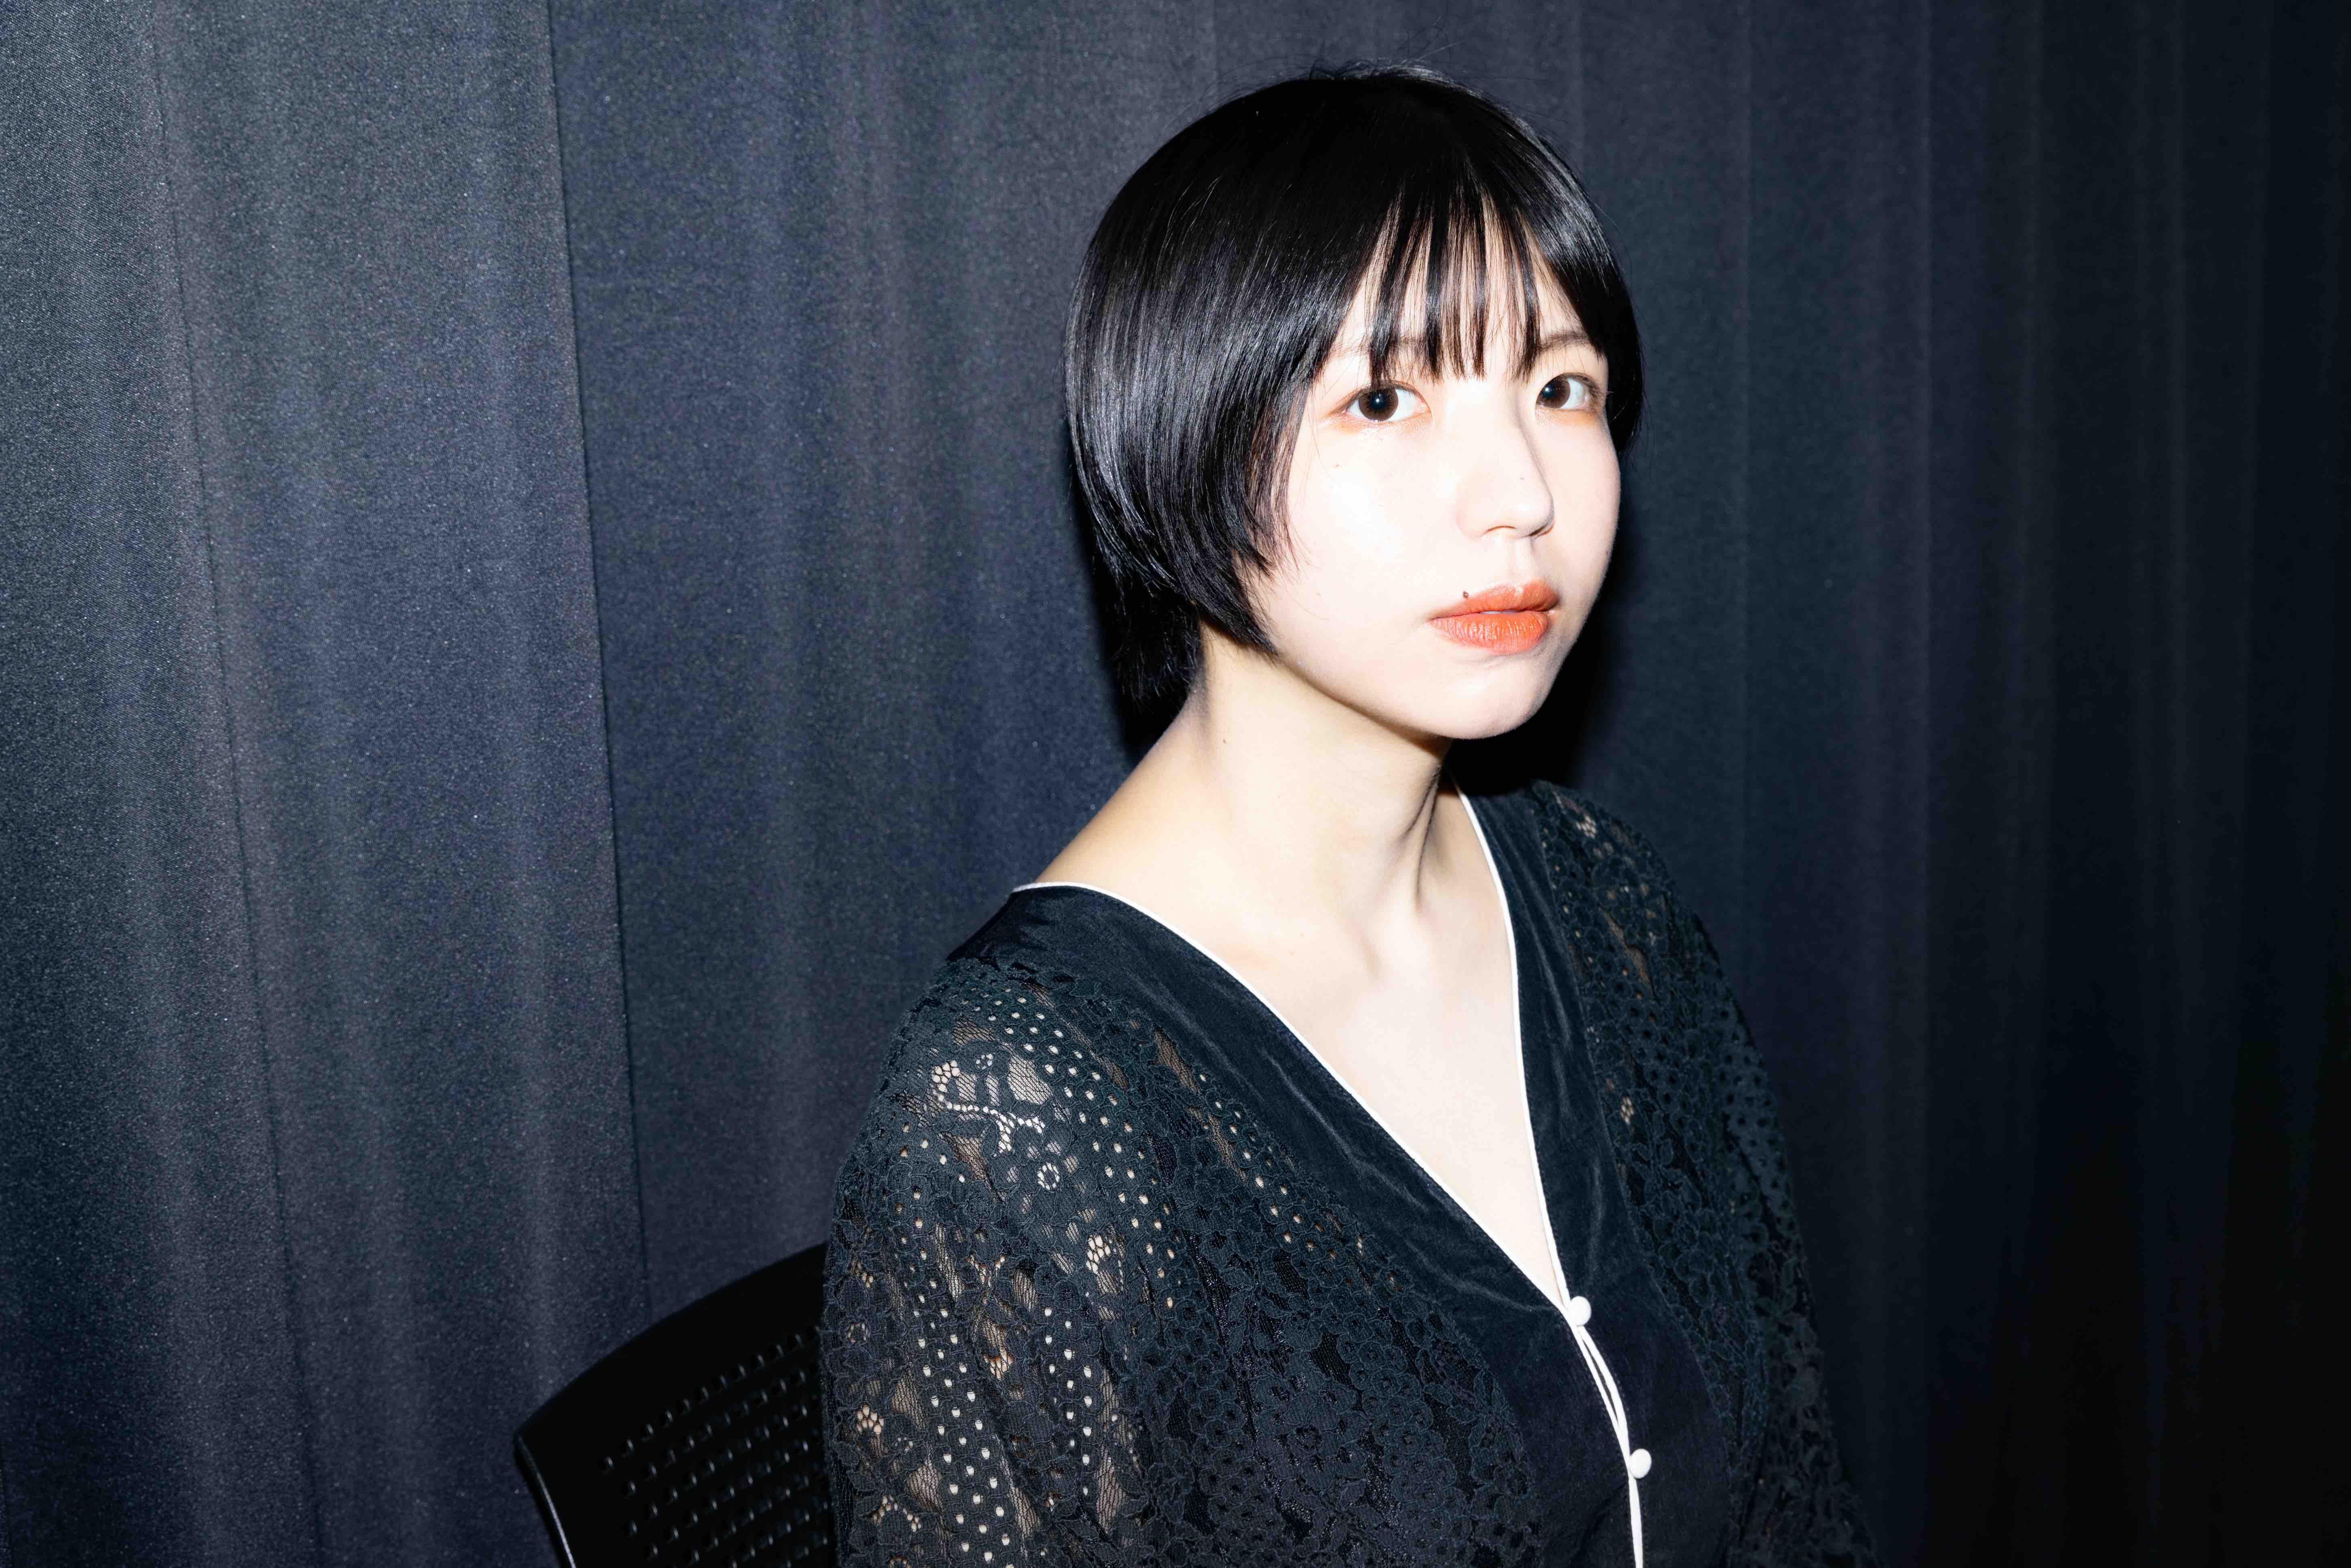 好きな人の好きな人、だから自分も好きになる」/映画『ひらいて』首藤凜監督インタビュー